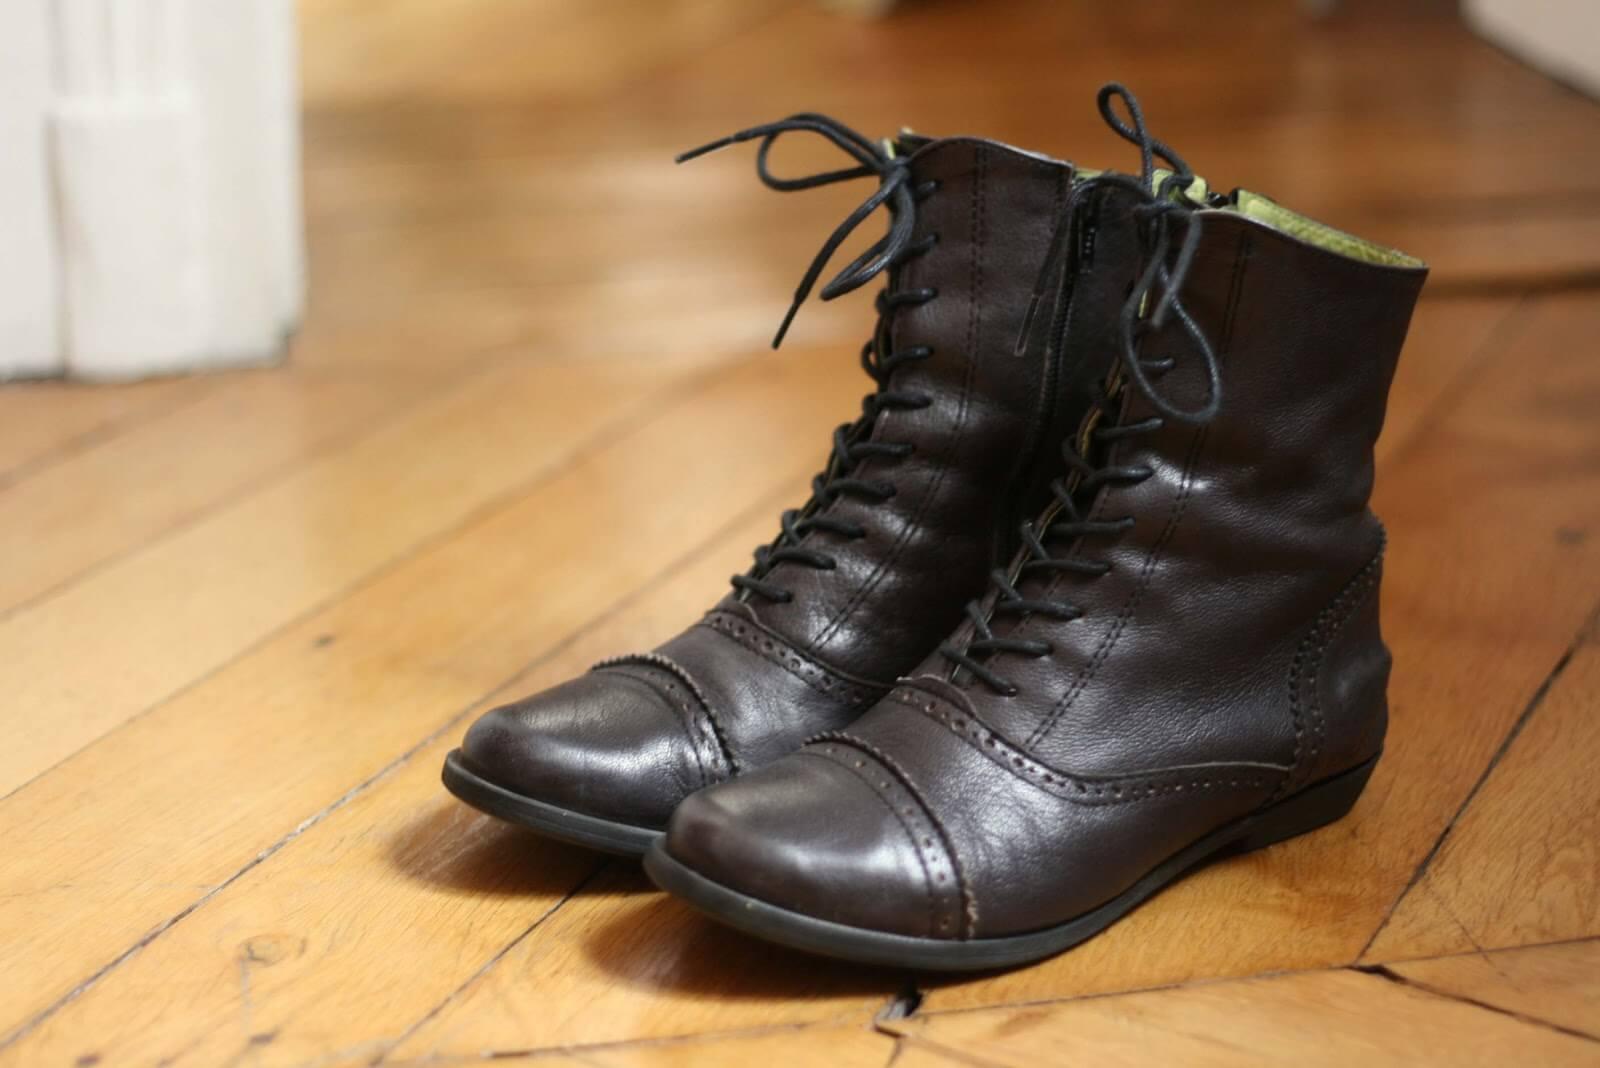 Giày boots secondhand đa phần còn rất mới